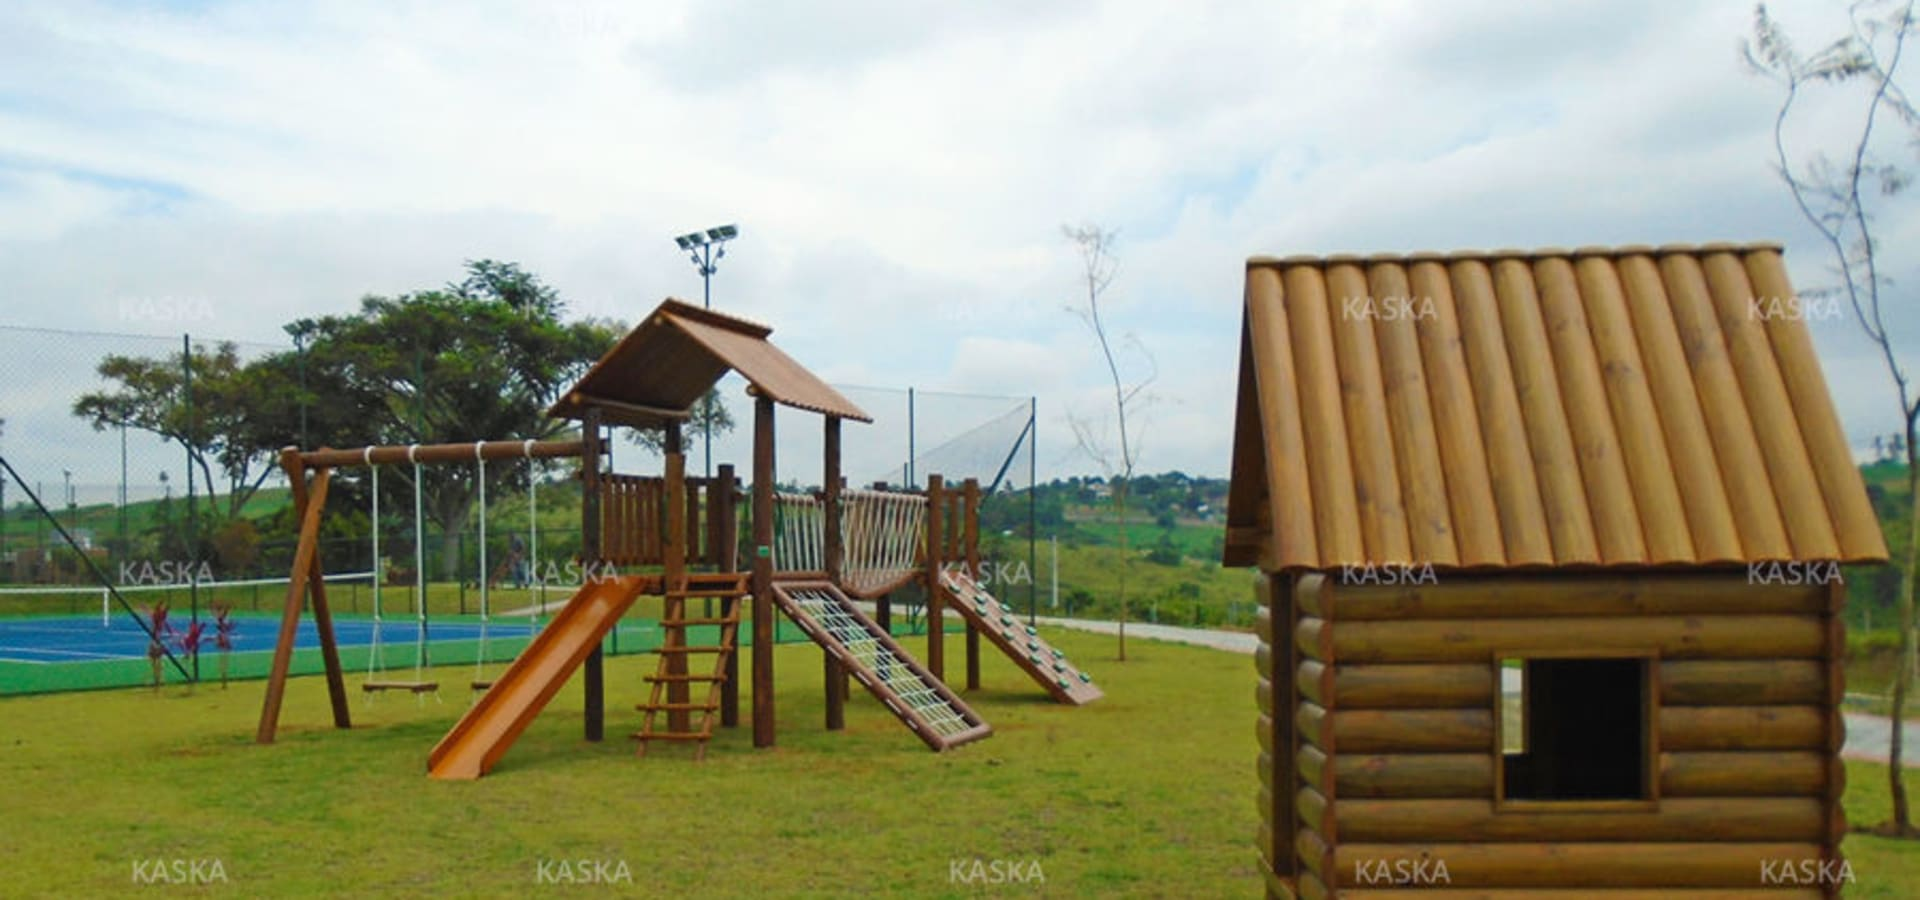 Kaska Playgrounds